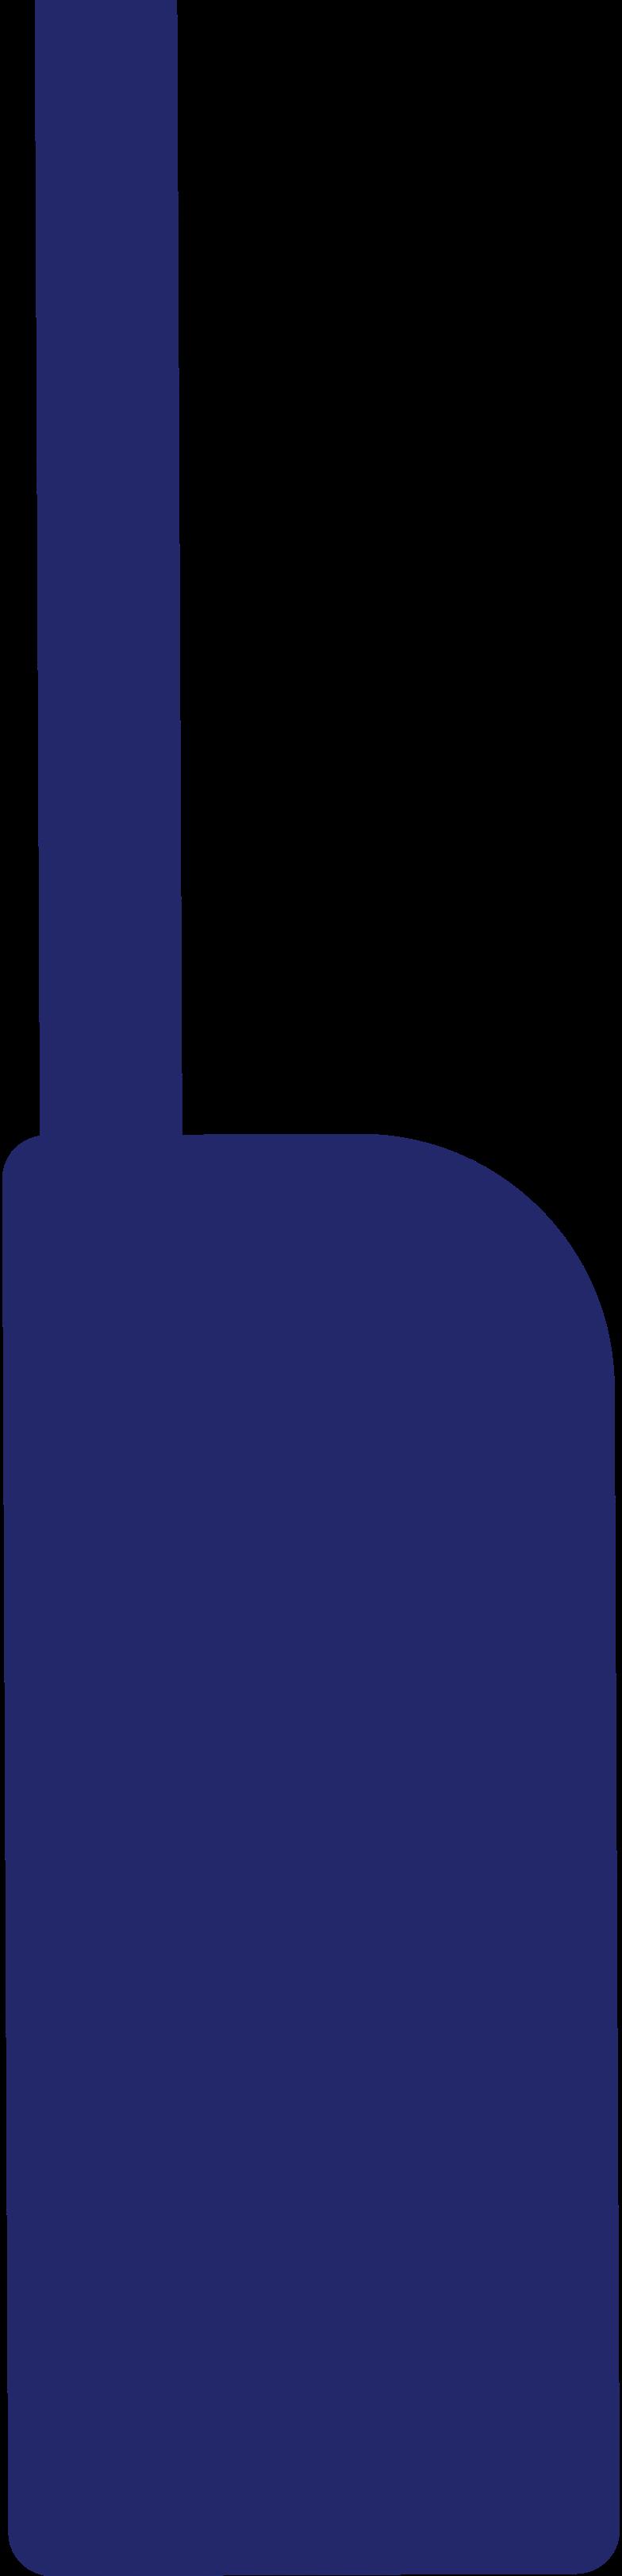 PNGとSVGの  スタイルの 無線 ベクターイメージ | Icons8 イラスト